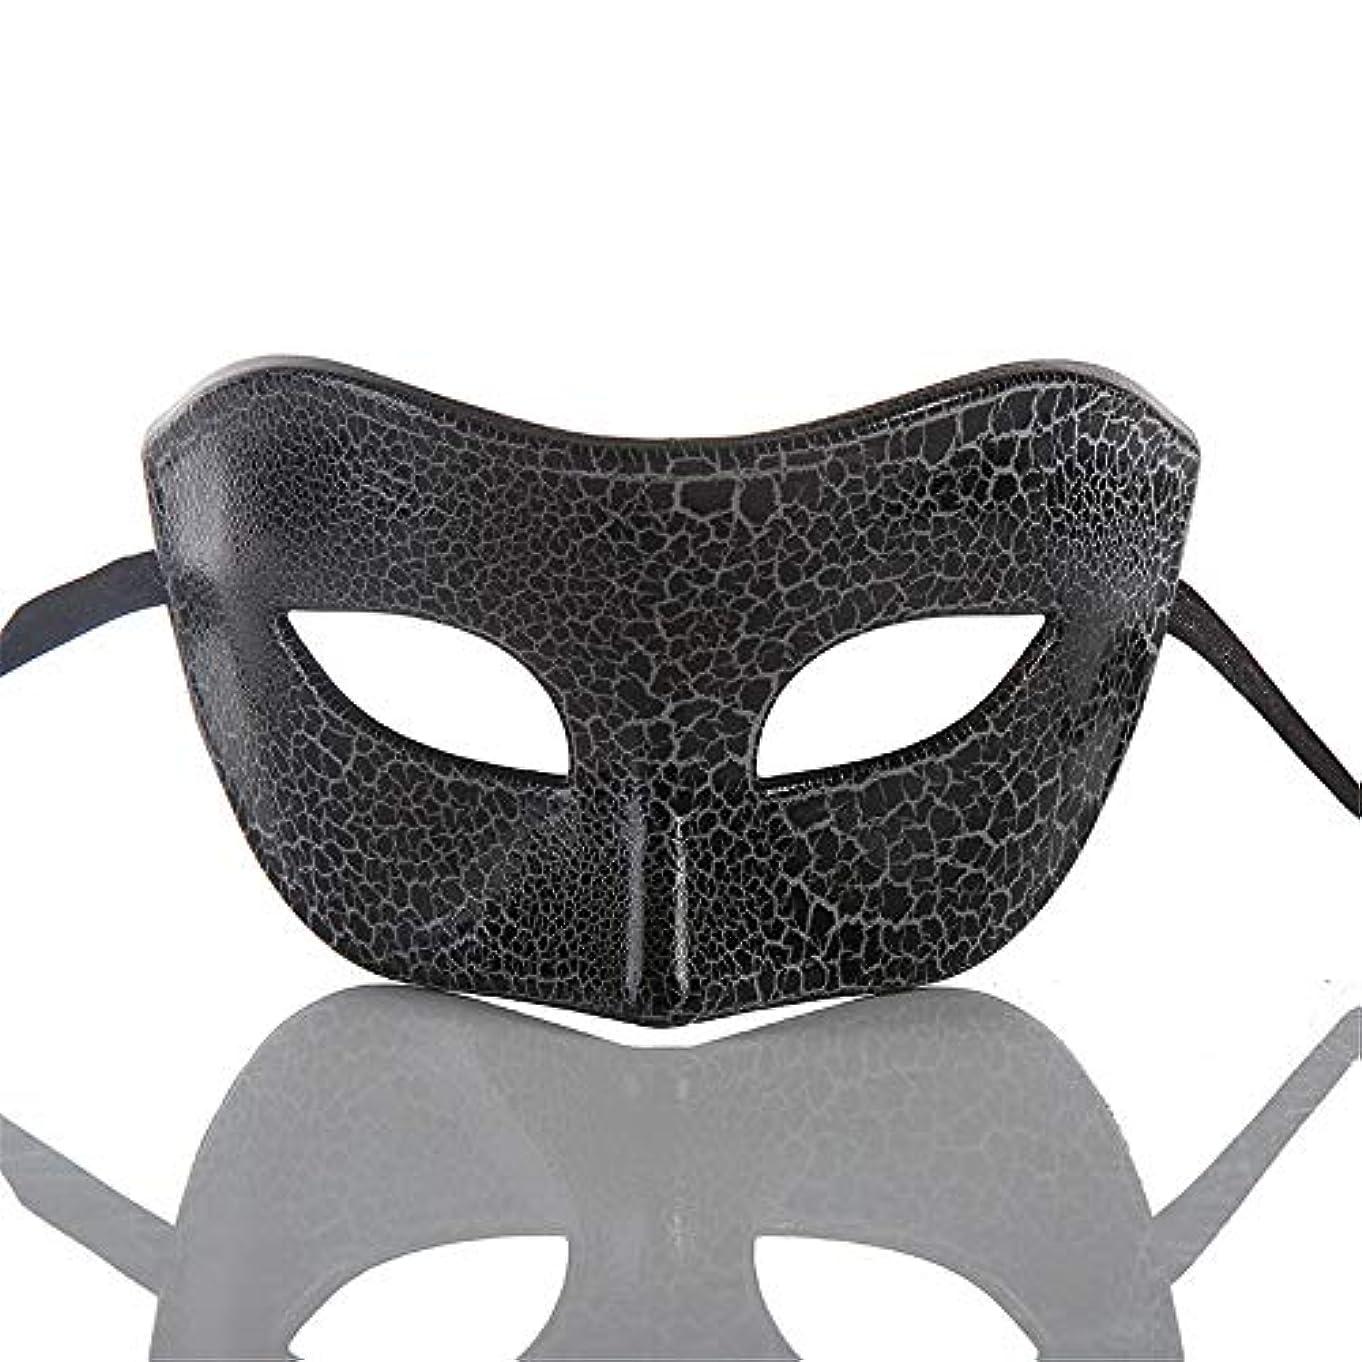 説得いつか致命的なダンスマスク ハーフマスク新しいハロウィーンマスク仮装レトロコスプレメイクナイトクラブマスク雰囲気クリスマスお祝いプラスチックマスク ホリデーパーティー用品 (色 : ブラック, サイズ : 16.5x8cm)